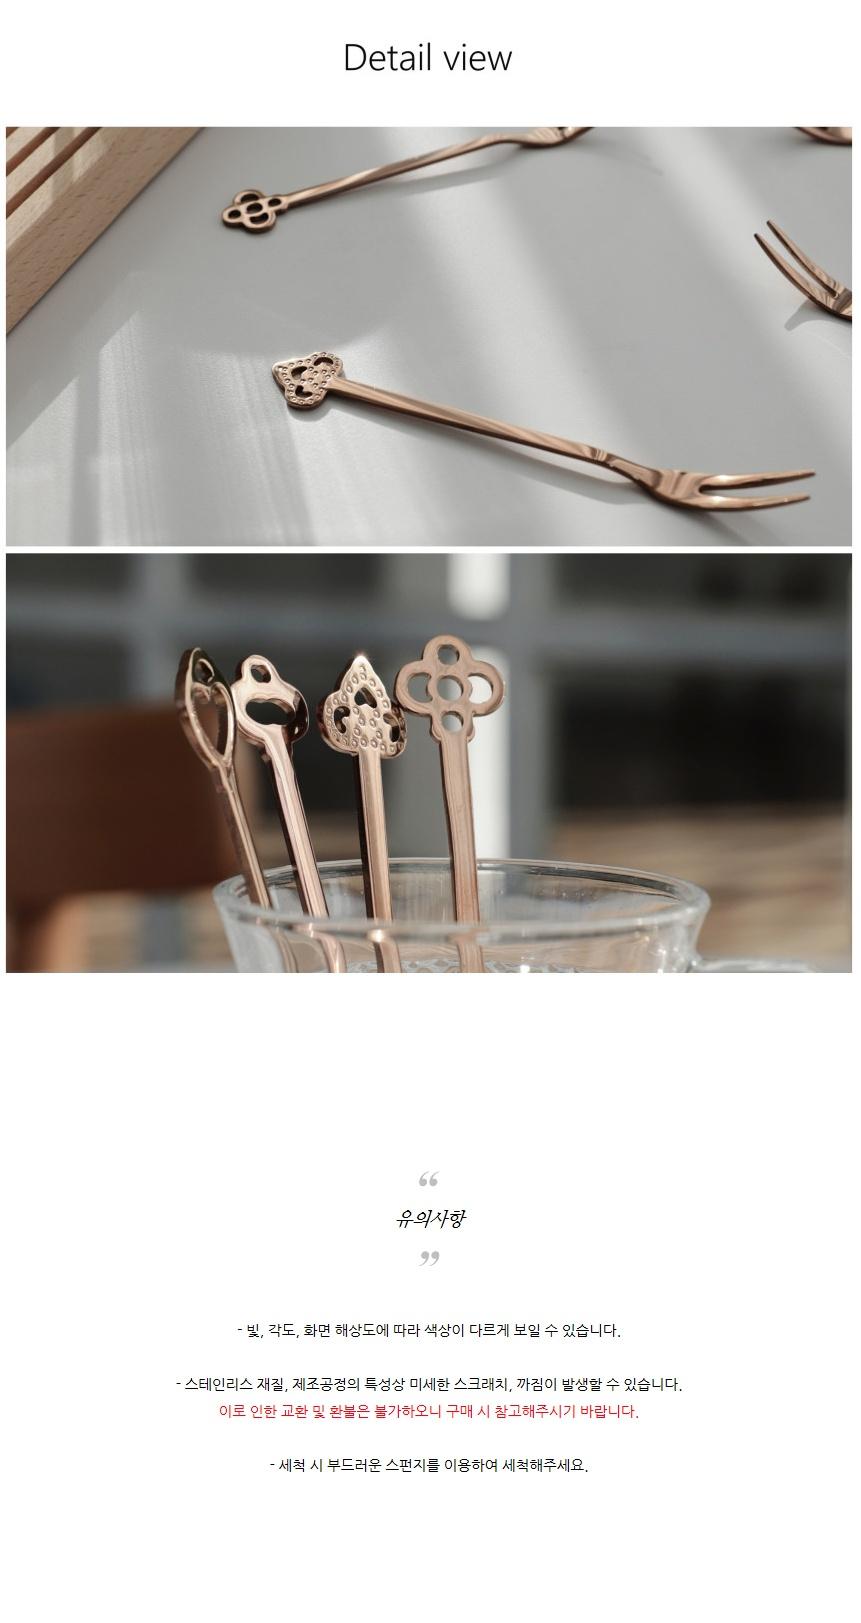 antique_handlepoint_fork_set_07.jpg